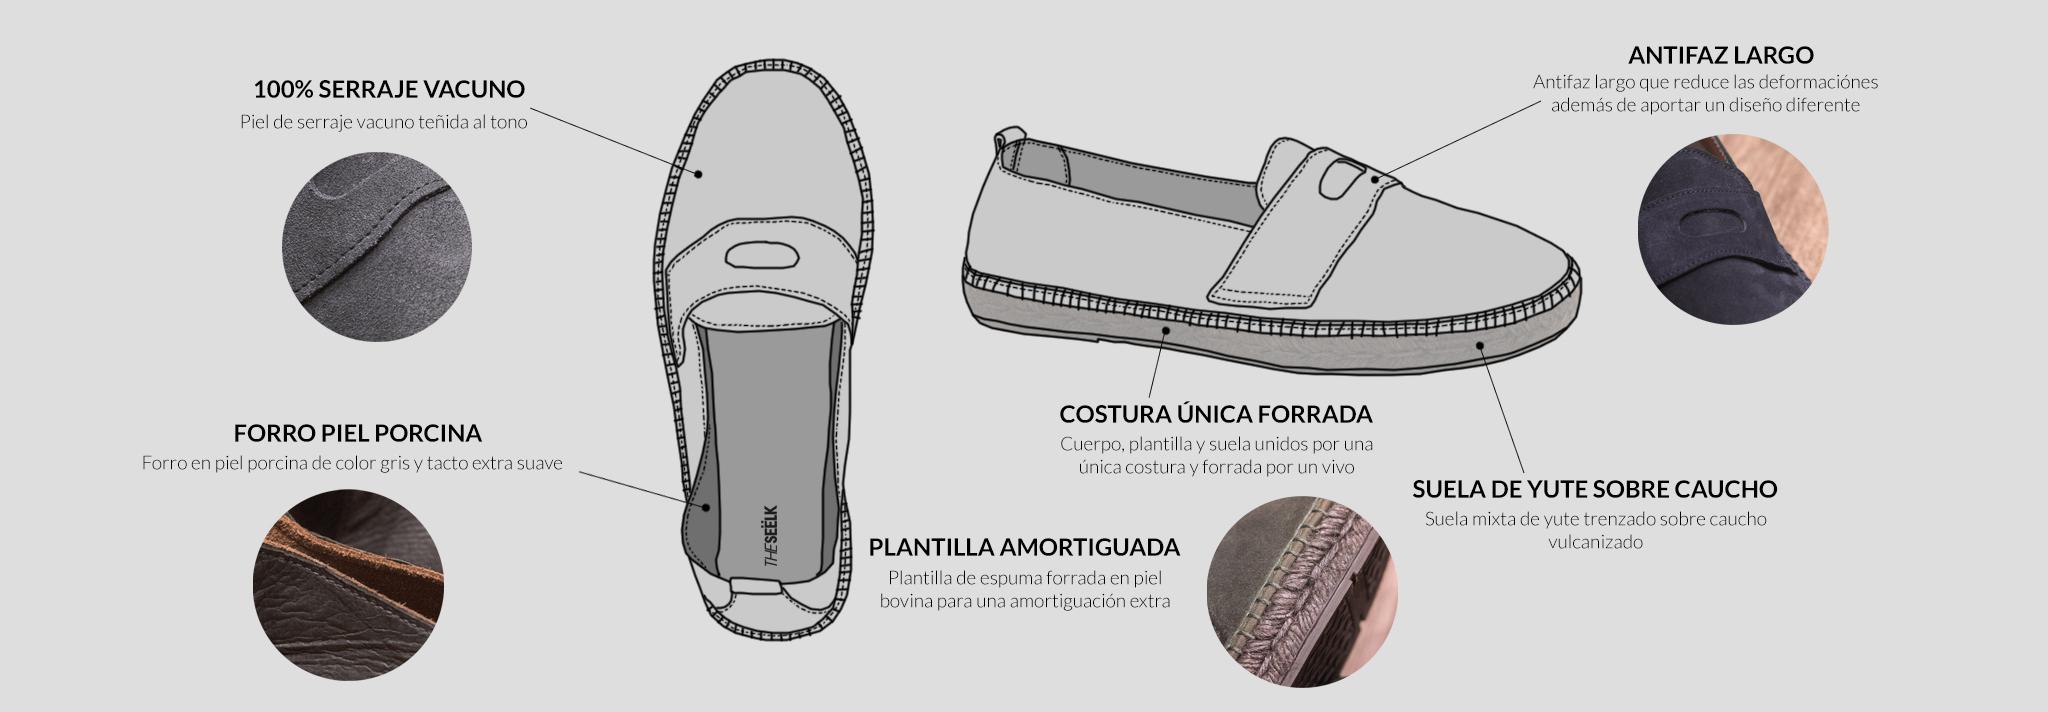 ESPARTEÑAS ilustraciones web